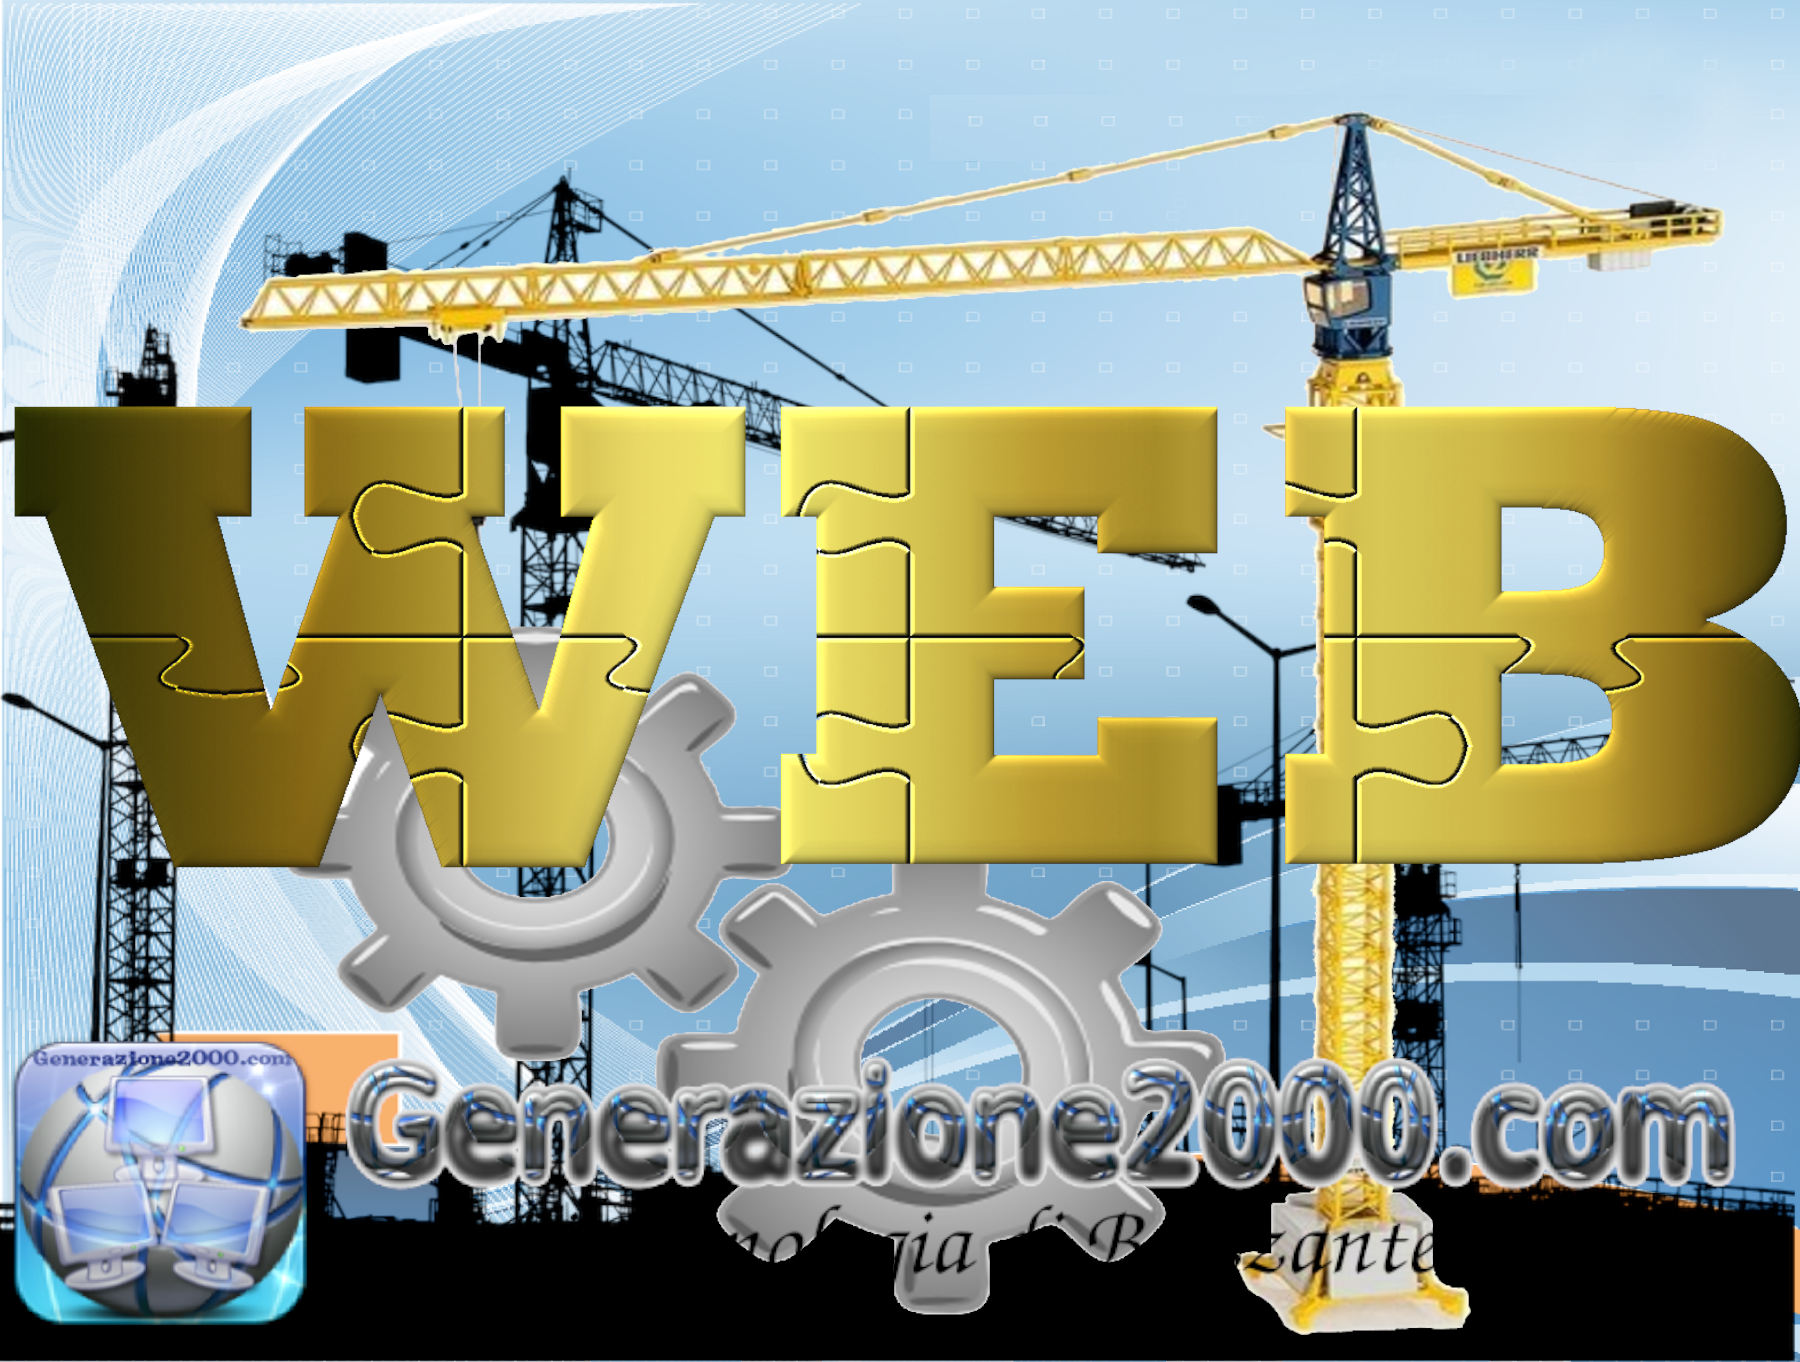 Generazione2000 work in progress